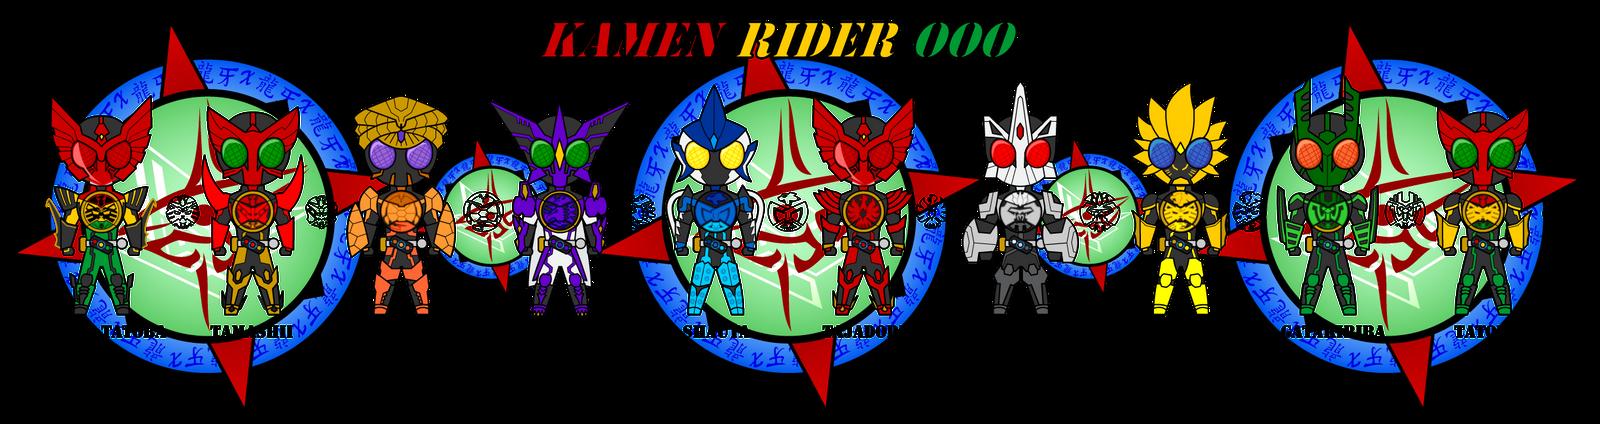 Kamen Rider OOO - All Main Combos